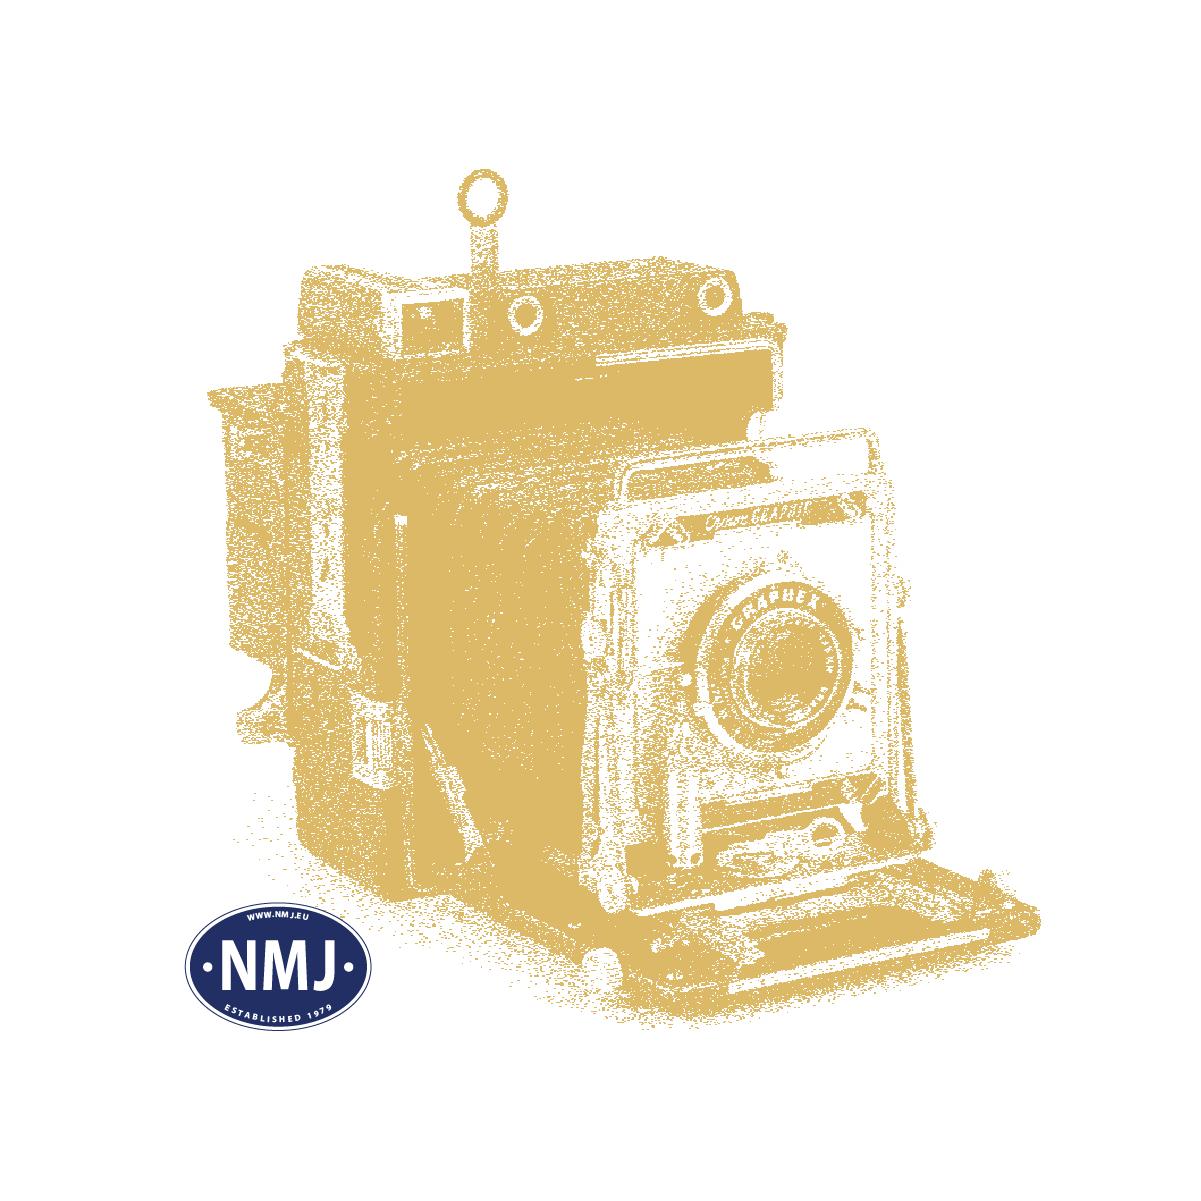 MBR51-2308 - Willow Sommer, 10 cm ,TT/H0